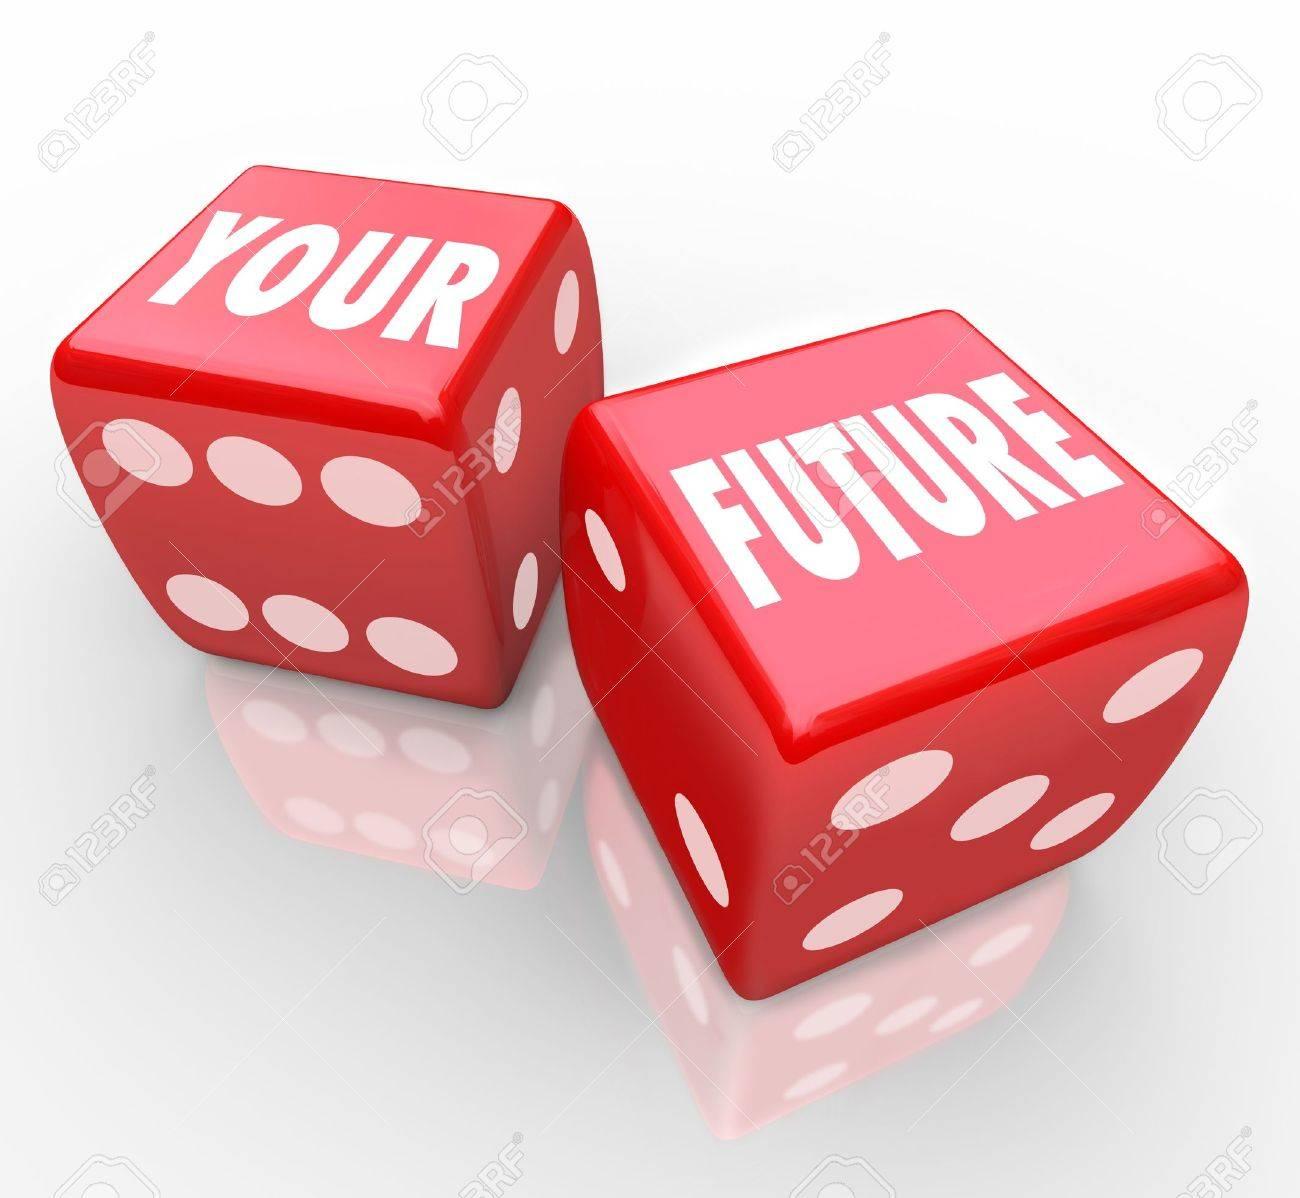 Risks and gambling more gambling